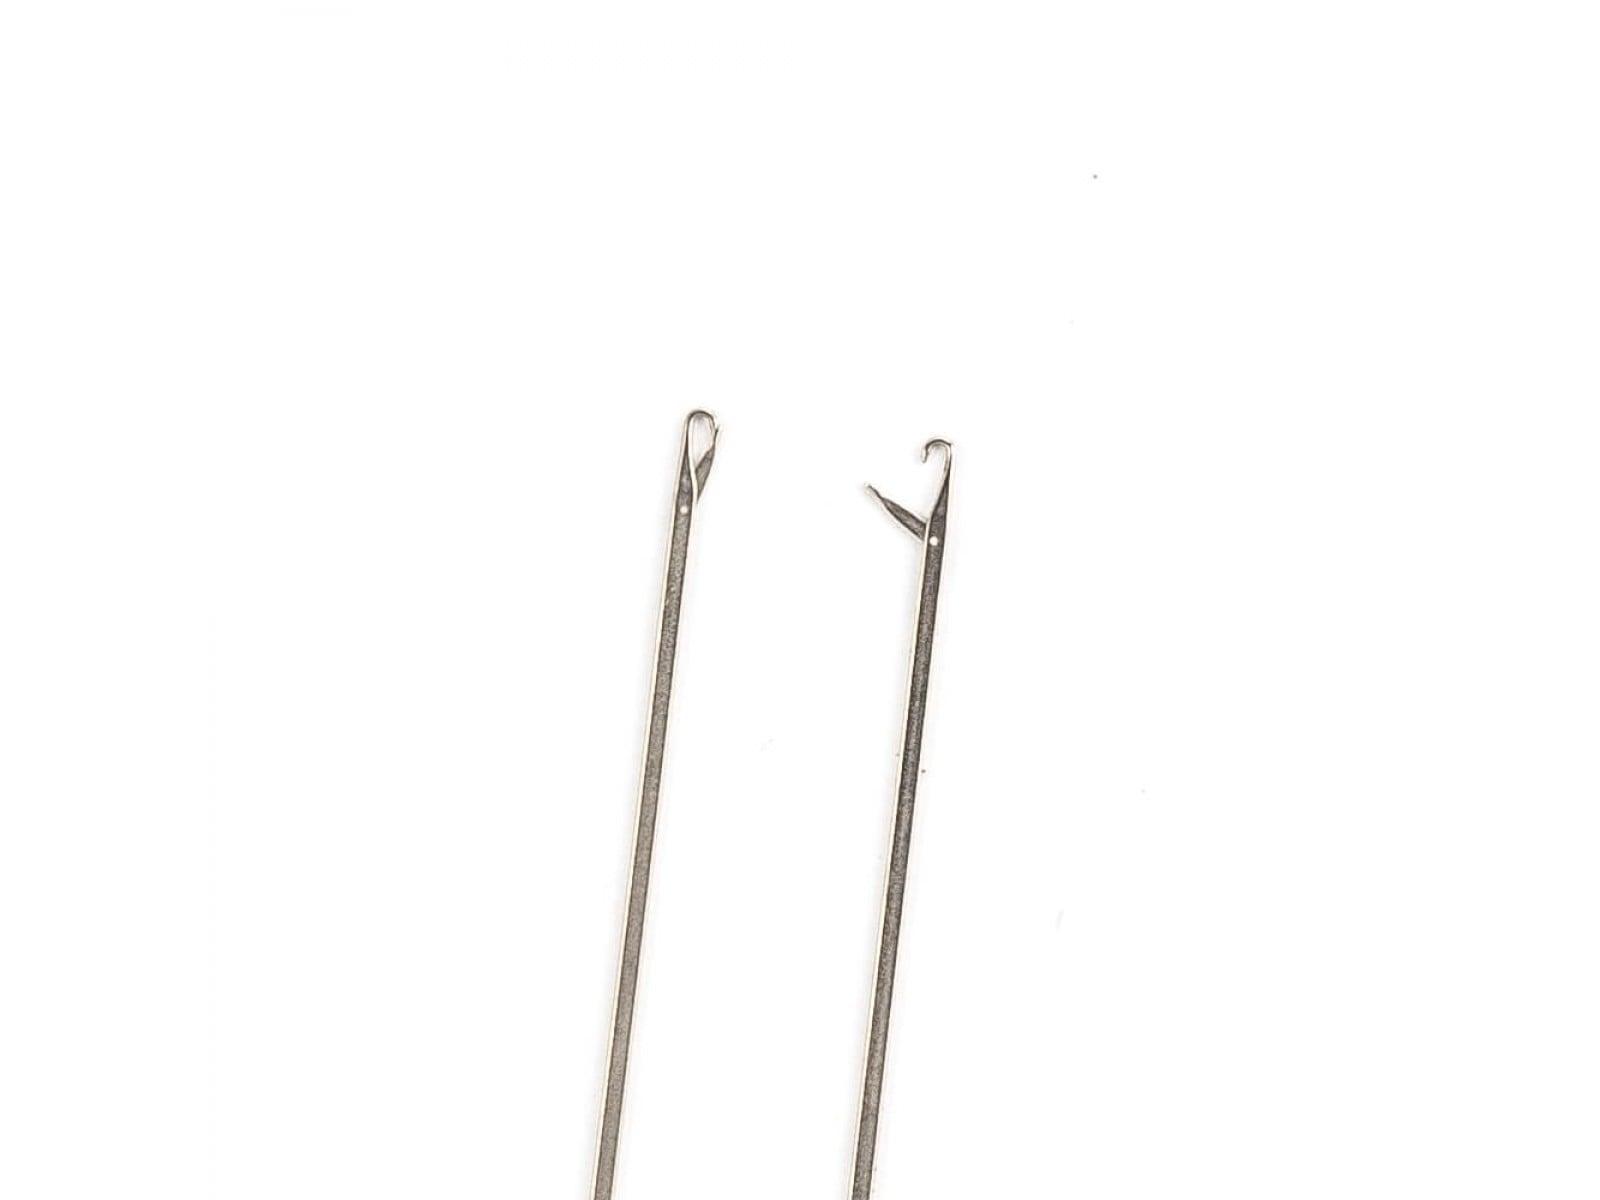 Zebco Ködernadel 20 cm mit Öse 2 Stück